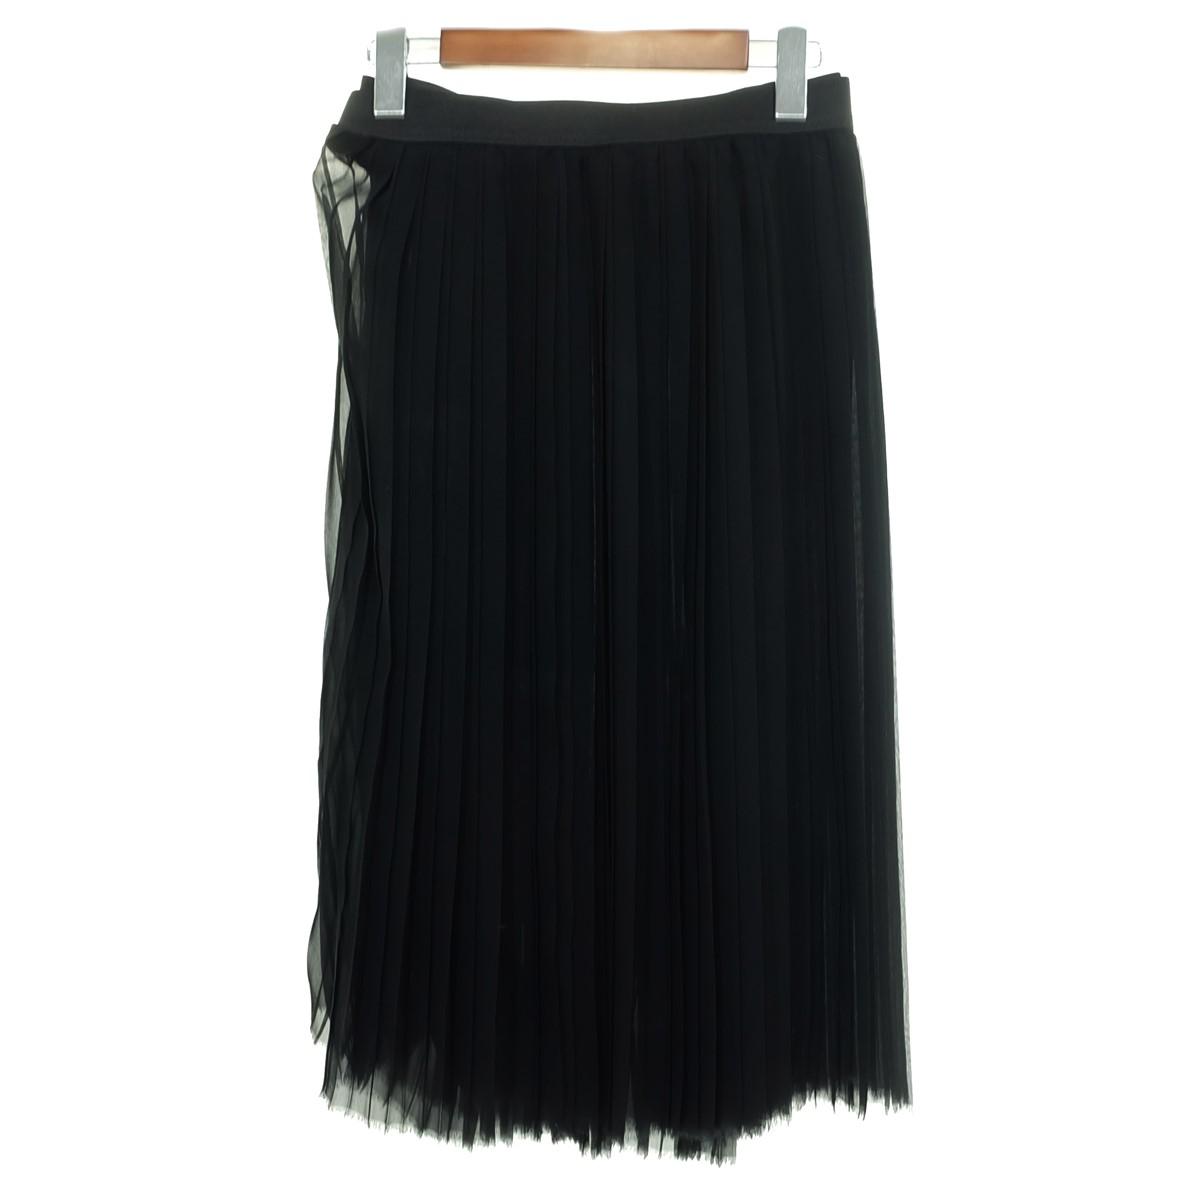 【中古】JUNYA WATANABE CdG 【AD2012】 シースルー プリーツスカート ブラック サイズ:XS 【240320】(ジュンヤワタナベコムデギャルソン)